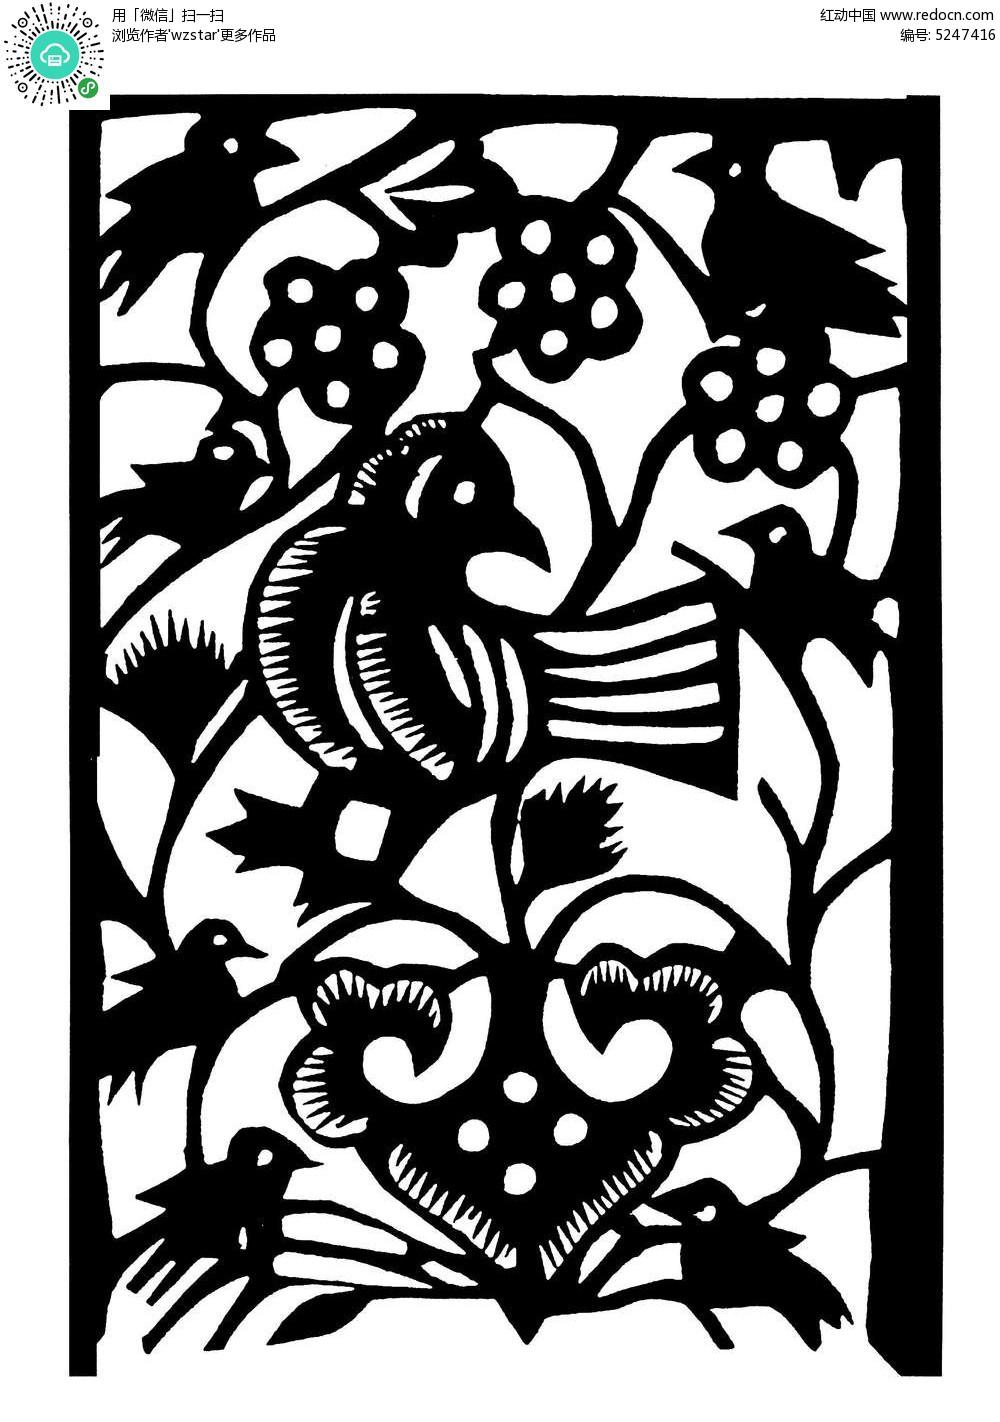 梅花树上的鸟黑白剪纸图AI素材免费下载 编号5247416 红动网